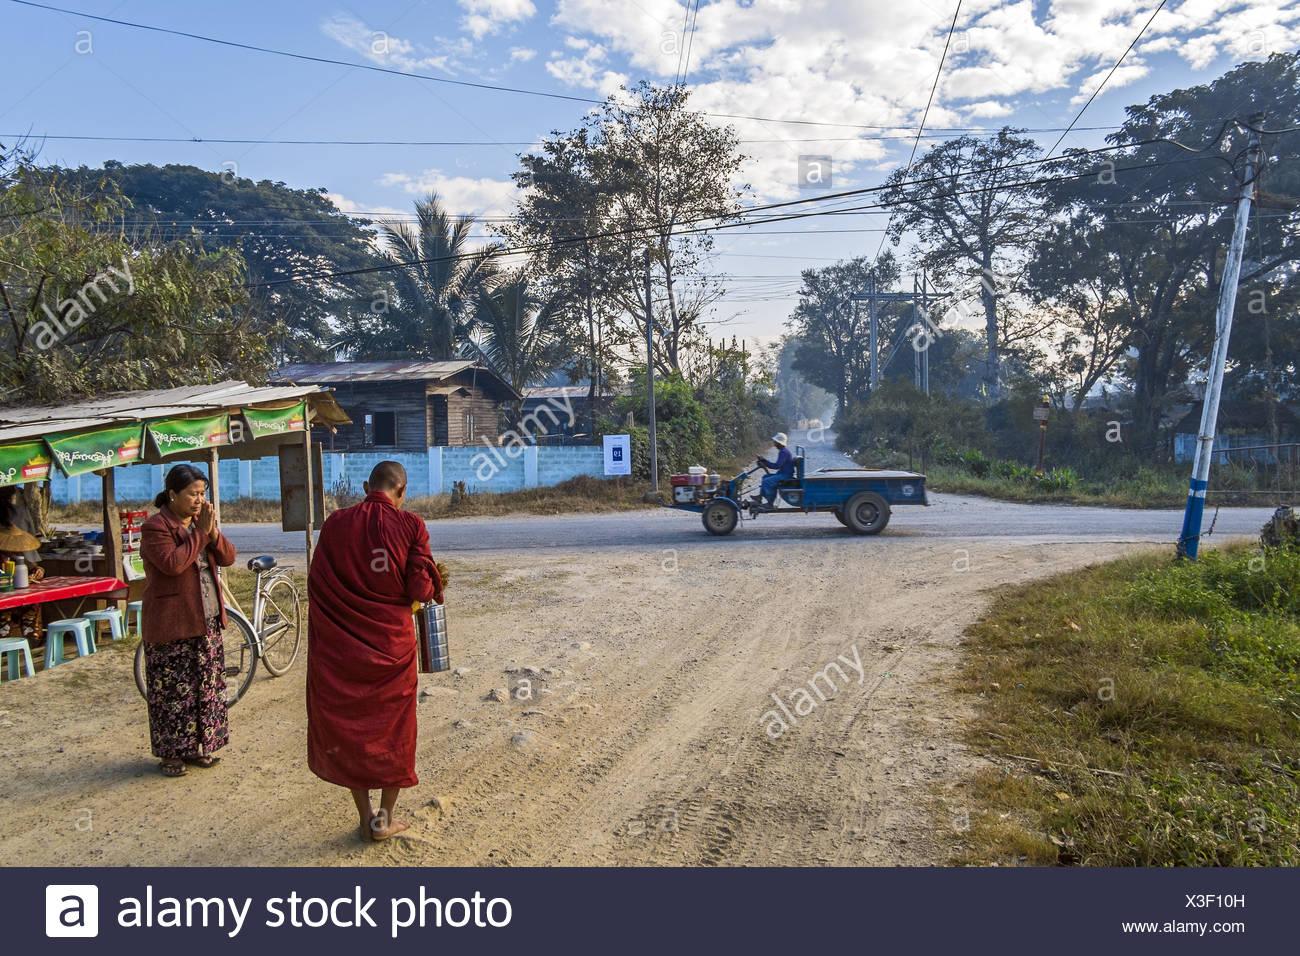 Young monc begging, Nyaung Shwe, Myanmar, Asia Stock Photo